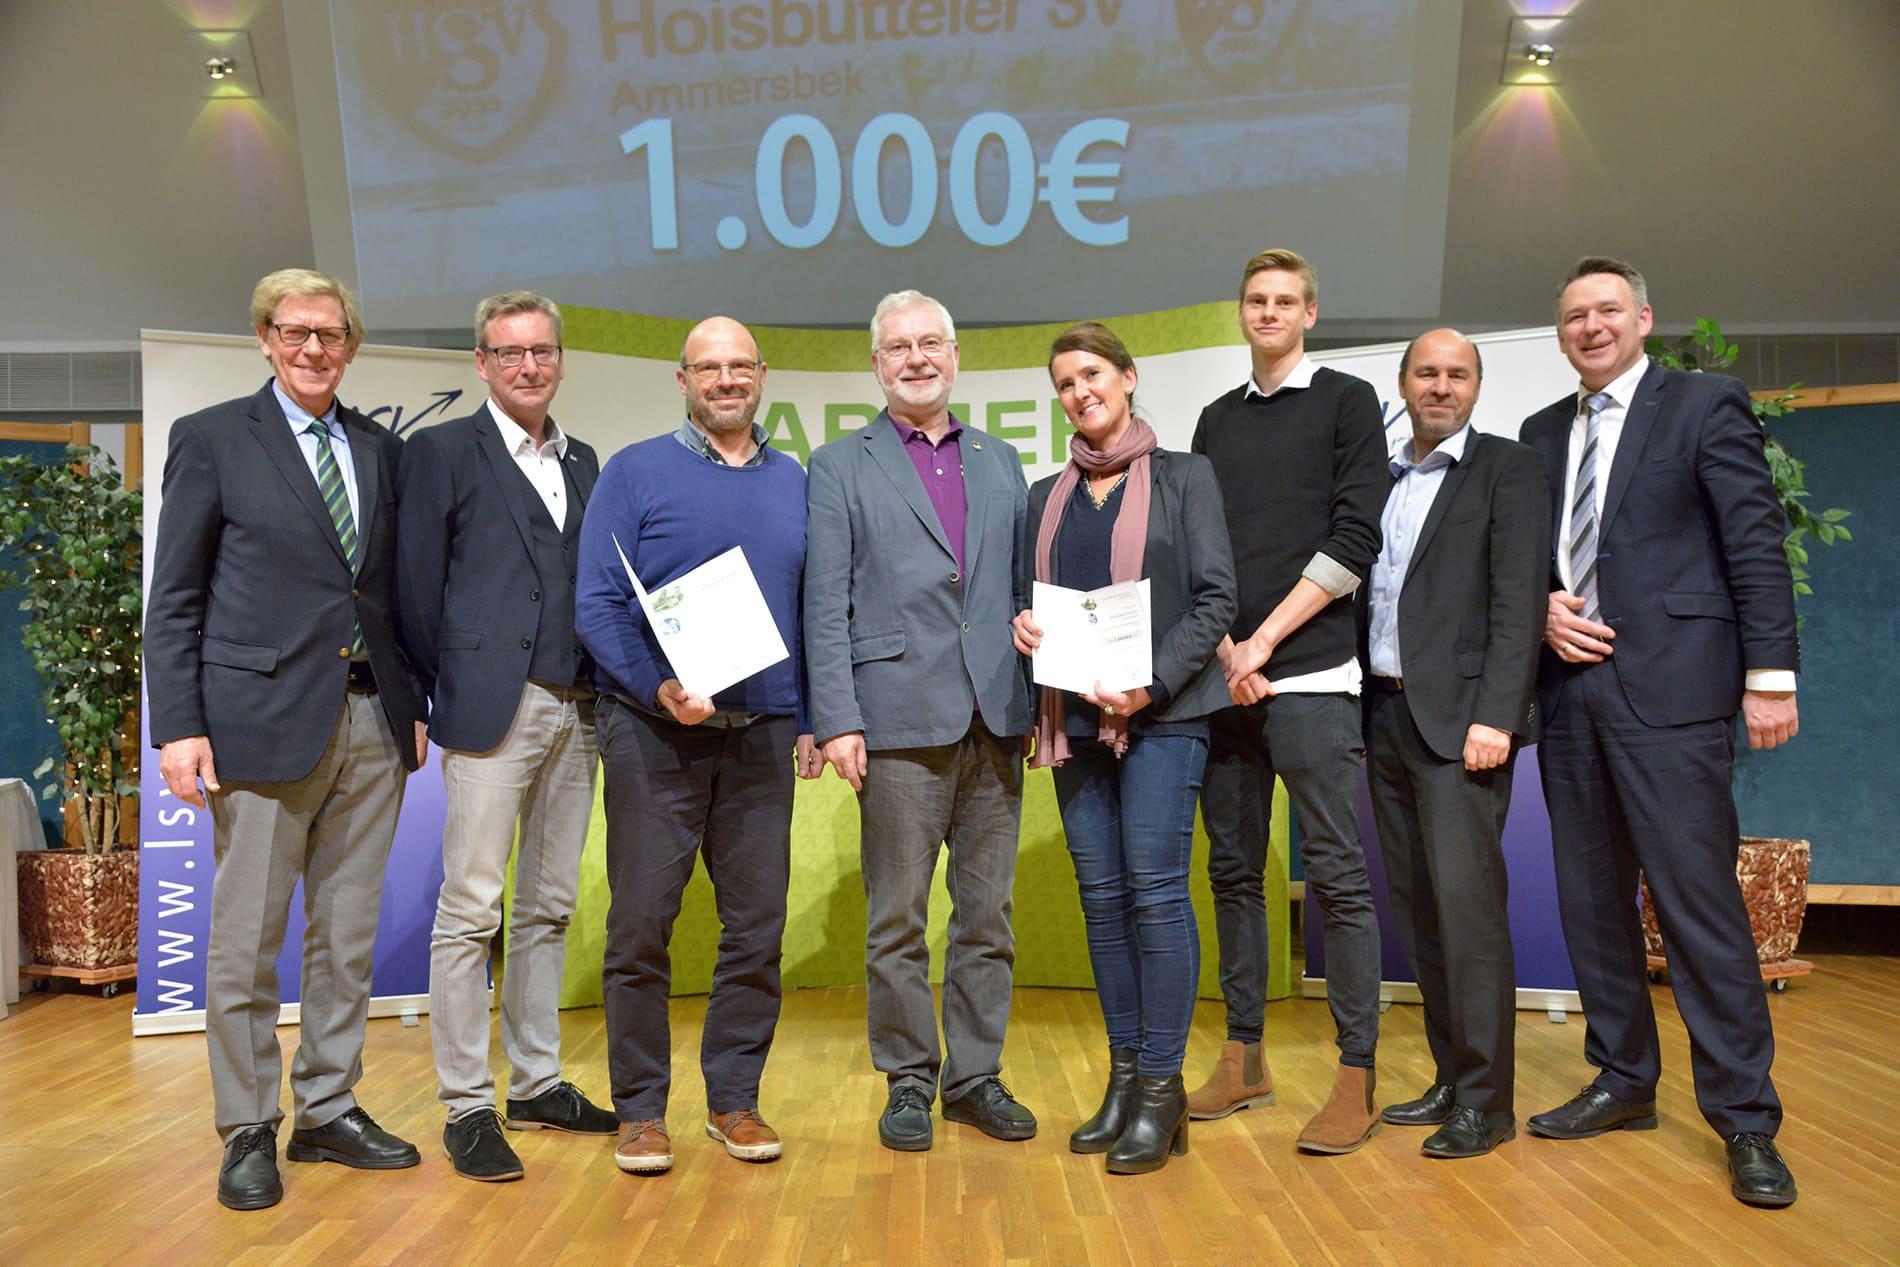 7763fc4055c3bc LSV-BARMER-Breitensportpreis 2017 – Hoisbütteler Sportverein